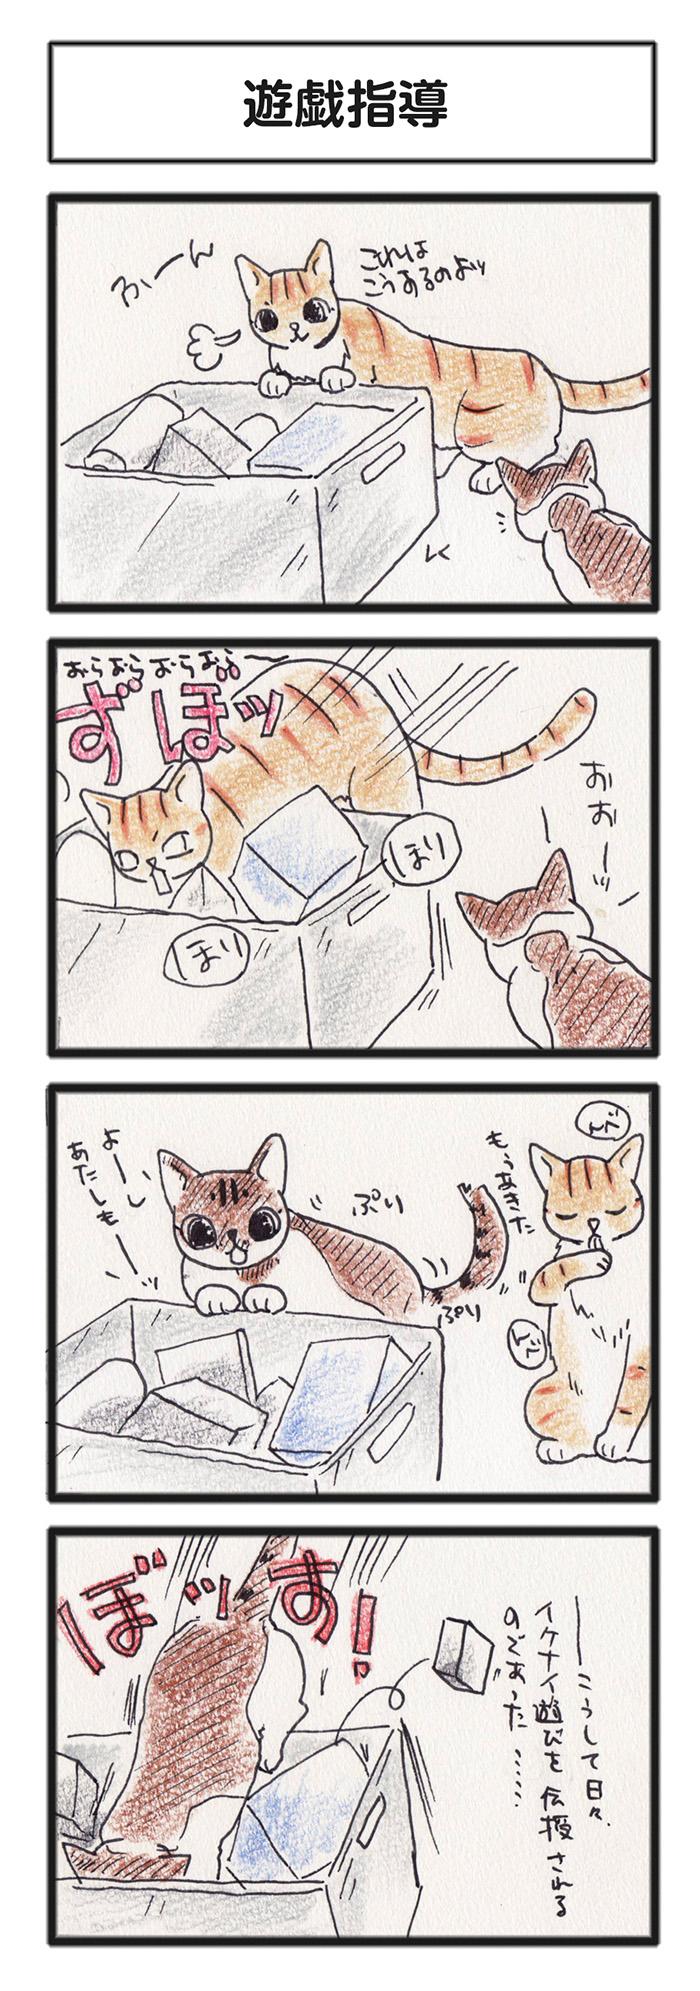 comic_4c_14103003.jpg